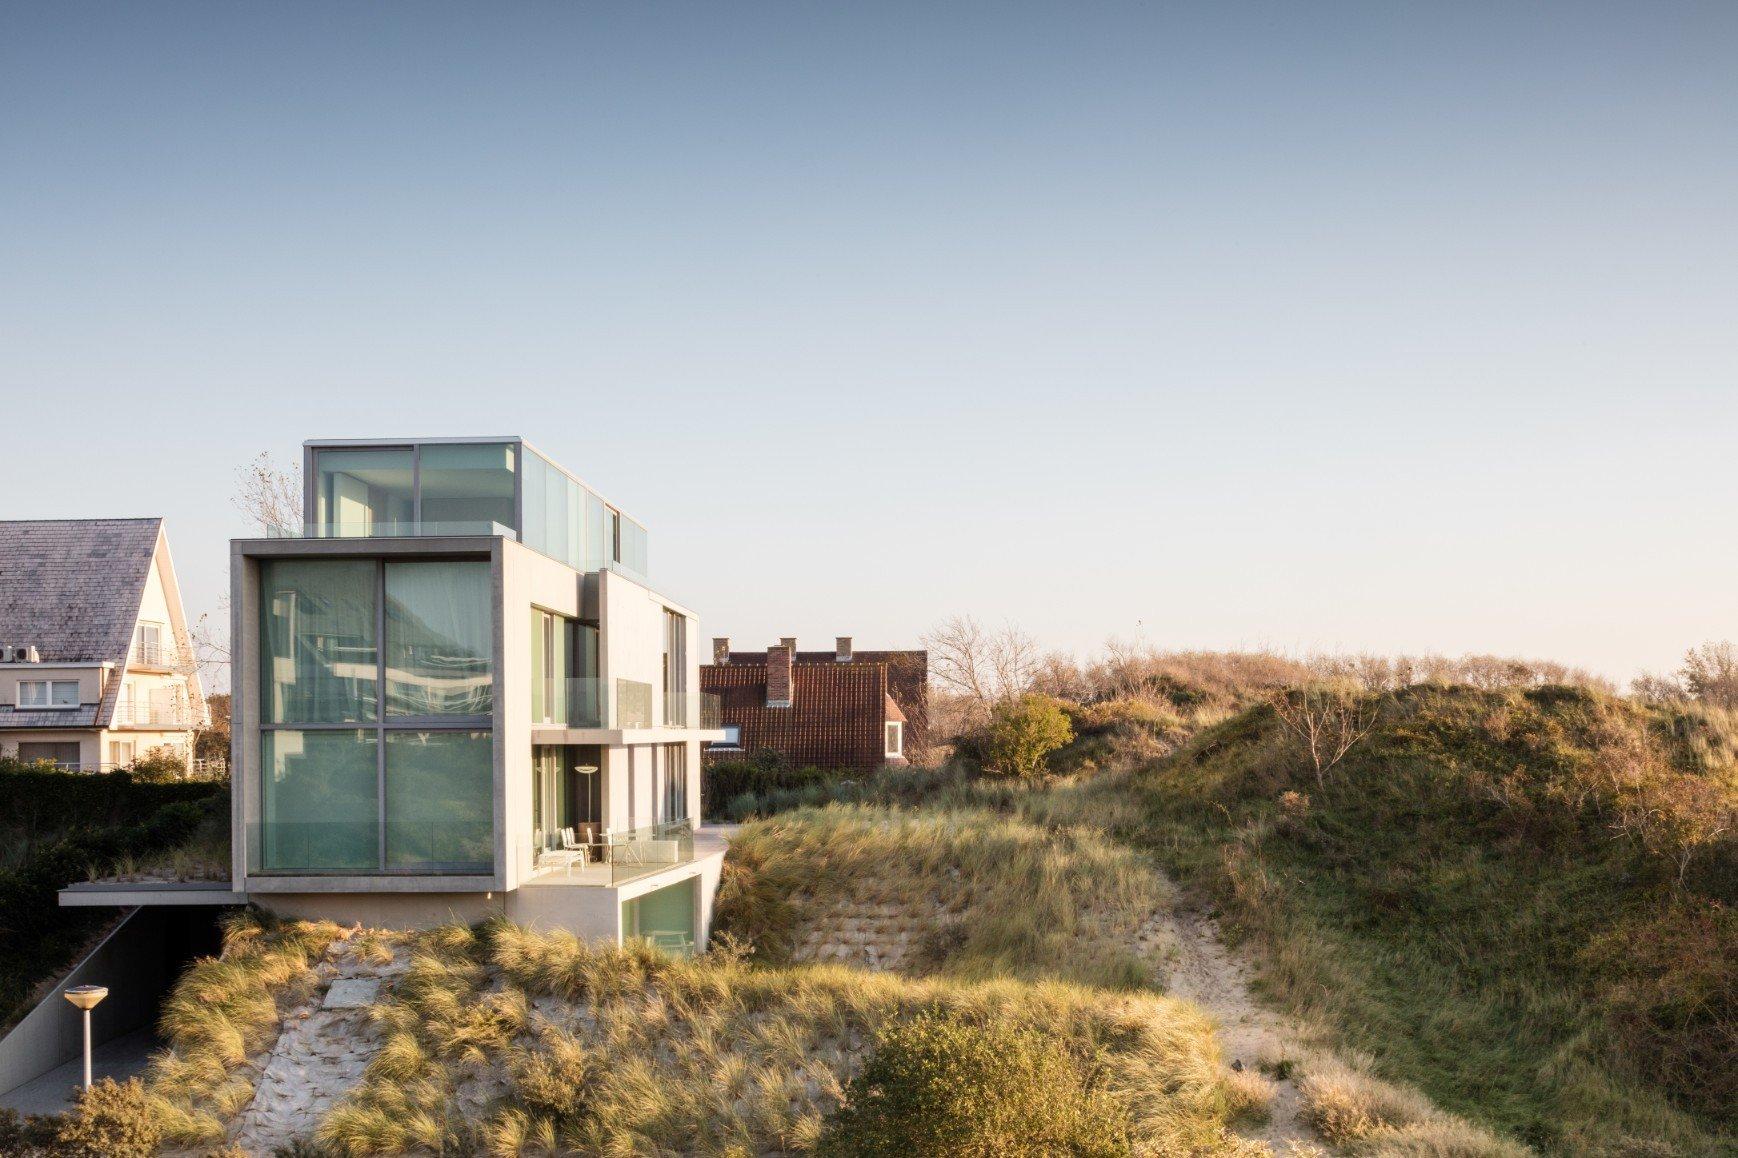 Rietveldprojects-saarinen-appartement-design-architectuur-kust-tvdv10.jpg